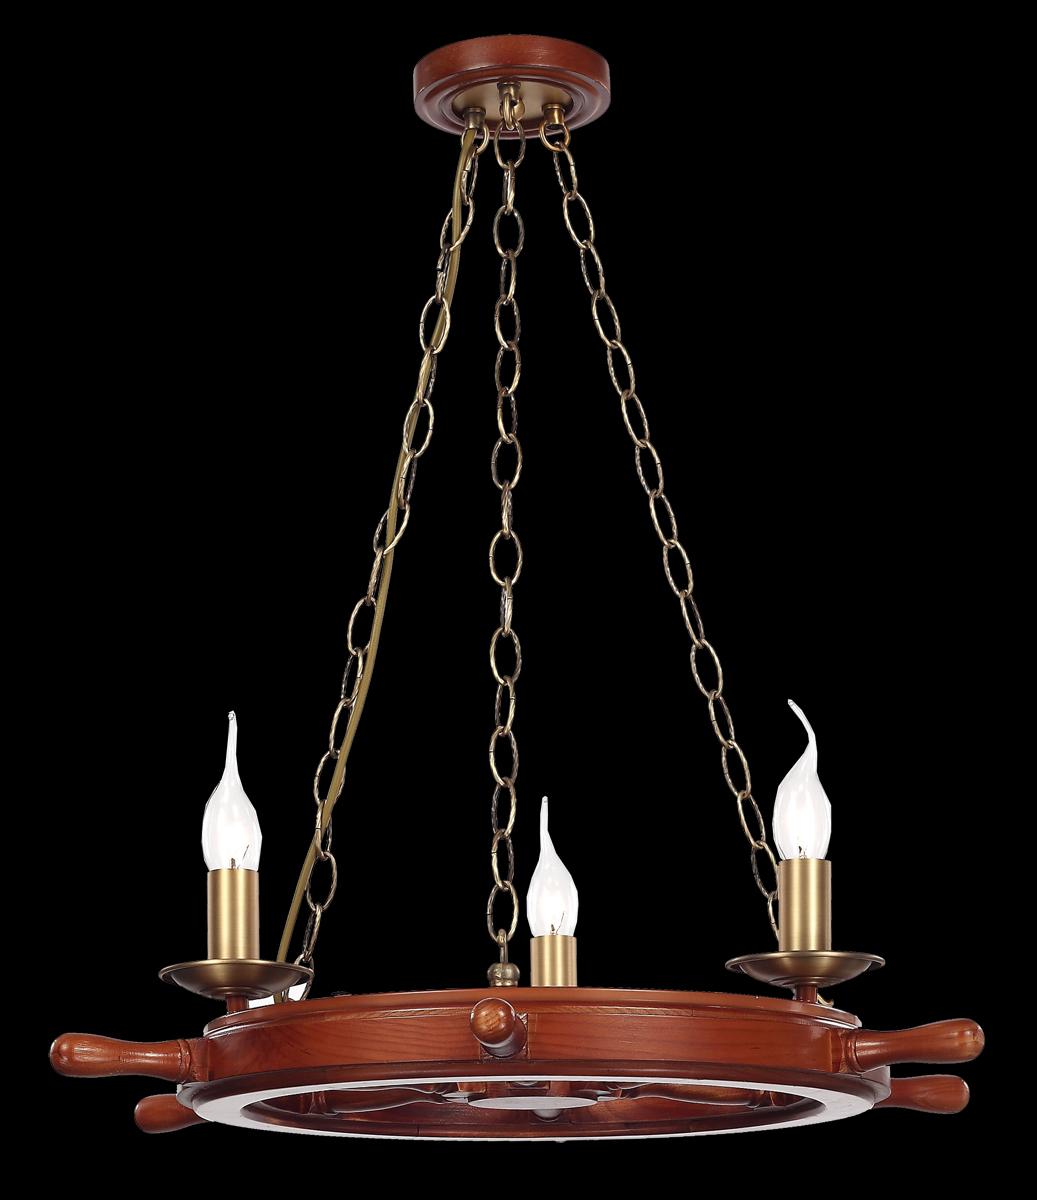 Люстра Natali Kovaltseva Luxury wood 10439/3C BRASS, REDLuxury wood 10439/3C BRASS, REDD61 x H67 cm